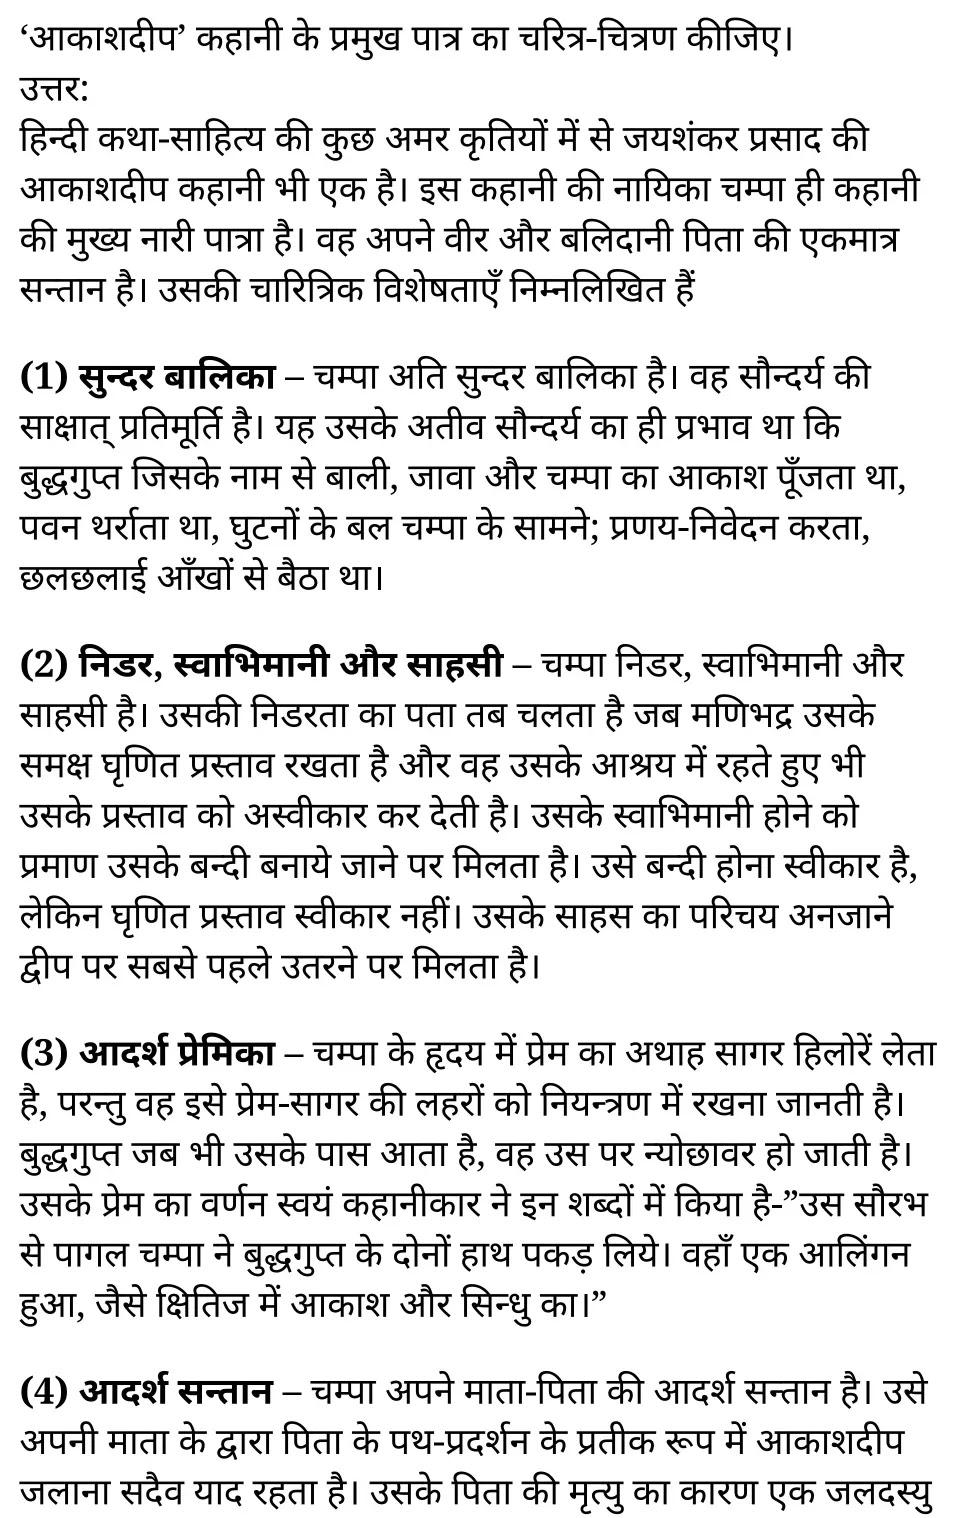 कक्षा 11 साहित्यिक हिंदी कथा-भारती अध्याय 2  के नोट्स साहित्यिक हिंदी में एनसीईआरटी समाधान,   class 11 sahityik hindi katha bharathi chapter 2,  class 11 sahityik hindi katha bharathi chapter 2 ncert solutions in sahityik hindi,  class 11 sahityik hindi katha bharathi chapter 2 notes in sahityik hindi,  class 11 sahityik hindi katha bharathi chapter 2 question answer,  class 11 sahityik hindi katha bharathi chapter 2 notes,  11   class katha bharathi chapter 2 katha bharathi chapter 2 in sahityik hindi,  class 11 sahityik hindi katha bharathi chapter 2 in sahityik hindi,  class 11 sahityik hindi katha bharathi chapter 2 important questions in sahityik hindi,  class 11 sahityik hindi  chapter 2 notes in sahityik hindi,  class 11 sahityik hindi katha bharathi chapter 2 test,  class 11 sahityik hindi  chapter 1katha bharathi chapter 2 pdf,  class 11 sahityik hindi katha bharathi chapter 2 notes pdf,  class 11 sahityik hindi katha bharathi chapter 2 exercise solutions,  class 11 sahityik hindi katha bharathi chapter 2, class 11 sahityik hindi katha bharathi chapter 2 notes study rankers,  class 11 sahityik hindi katha bharathi chapter 2 notes,  class 11 sahityik hindi  chapter 2 notes,   katha bharathi chapter 2  class 11  notes pdf,  katha bharathi chapter 2 class 11  notes  ncert,   katha bharathi chapter 2 class 11 pdf,    katha bharathi chapter 2  book,     katha bharathi chapter 2 quiz class 11  ,       11  th katha bharathi chapter 2    book up board,       up board 11  th katha bharathi chapter 2 notes,  कक्षा 11 साहित्यिक हिंदी कथा-भारती अध्याय 2 , कक्षा 11 साहित्यिक हिंदी का कथा-भारती, कक्षा 11 साहित्यिक हिंदी के कथा-भारती अध्याय 2  के नोट्स साहित्यिक हिंदी में, कक्षा 11 का साहित्यिक हिंदीकथा-भारती अध्याय 2 का प्रश्न उत्तर, कक्षा 11 साहित्यिक हिंदी कथा-भारती अध्याय 2 के नोट्स, 11 कक्षा साहित्यिक हिंदी कथा-भारती अध्याय 2   साहित्यिक हिंदी में,कक्षा 11 साहित्यिक हिंदी कथा-भारती अध्याय 2  साहित्यिक हिंदी में, कक्षा 11 साहित्यिक हिंदी कथा-भारती अध्याय 2  महत्वपूर्ण